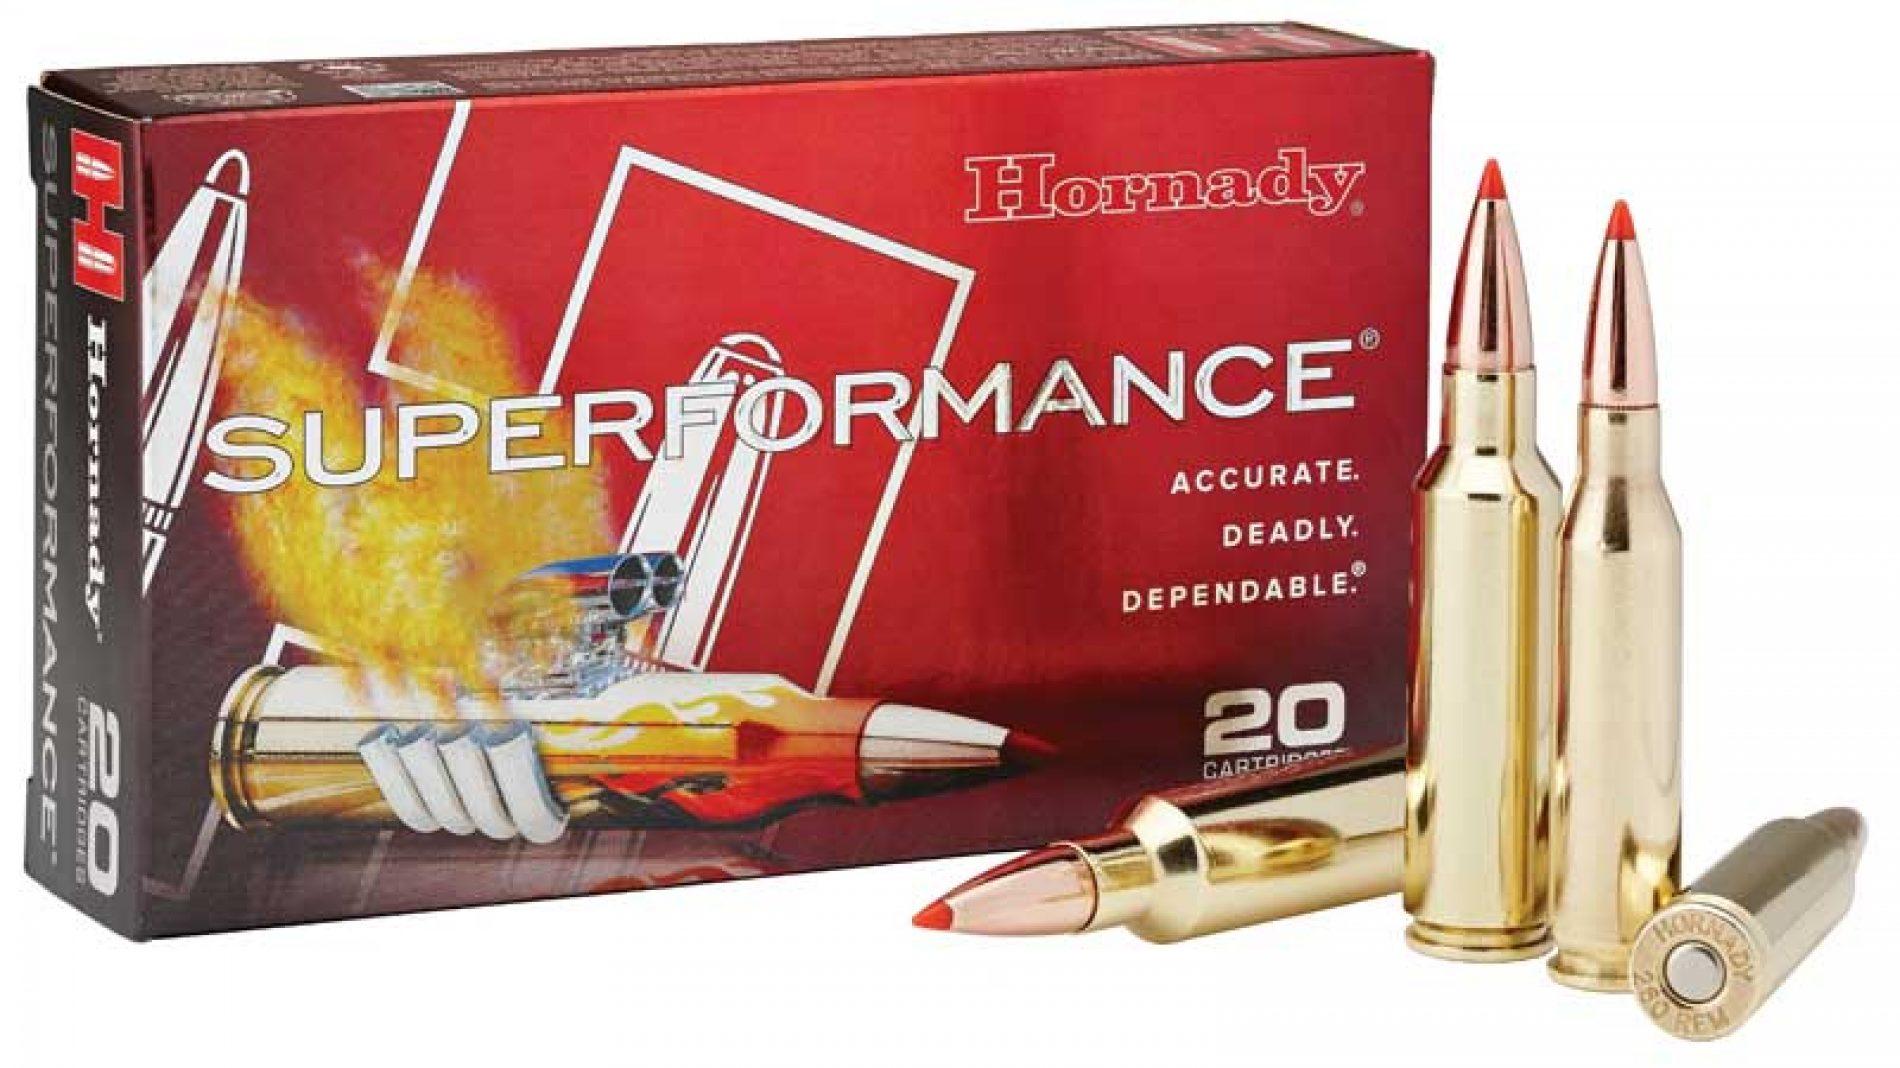 ¿Por qué la munición Hornady Superformance SST es excelente para rececho?